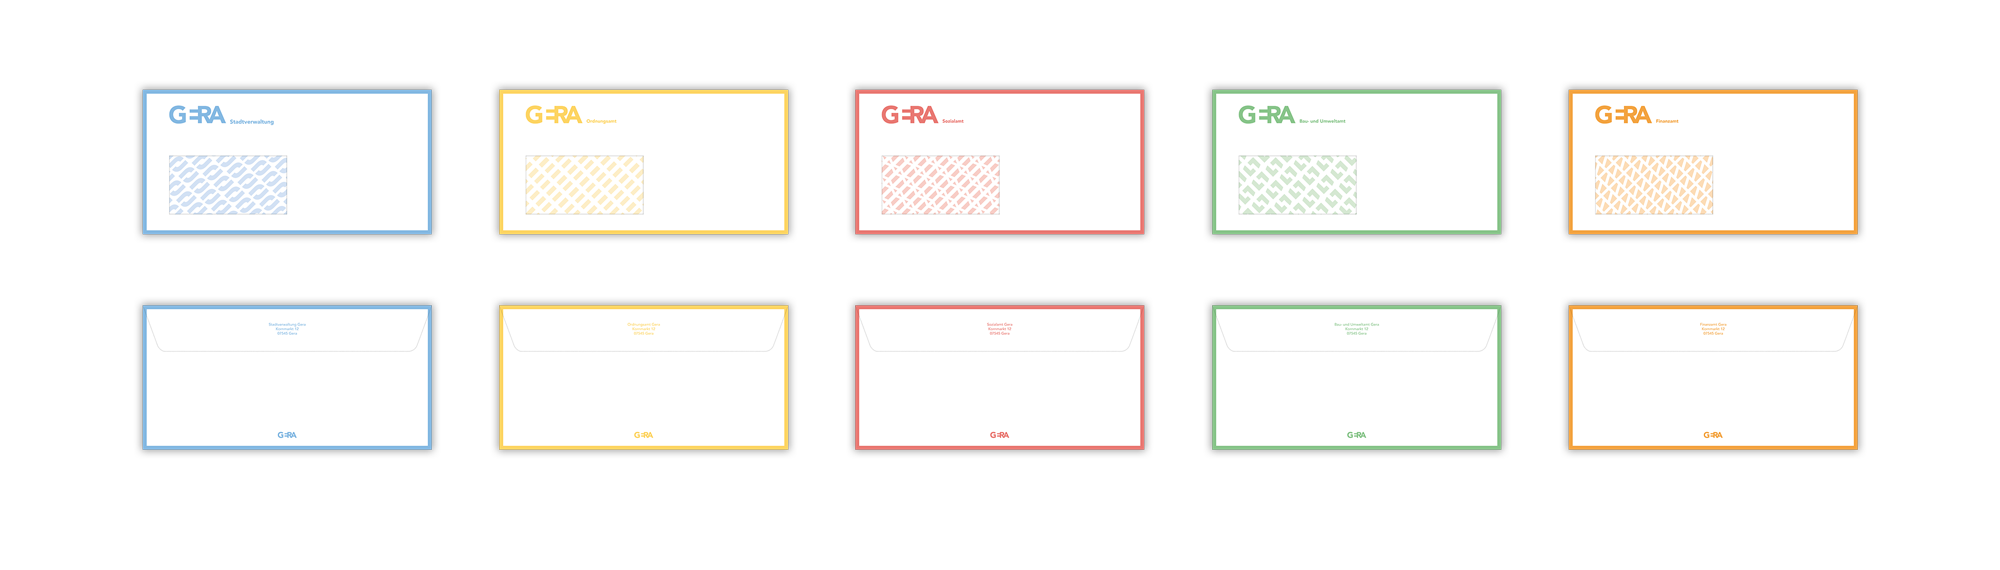 Ein Mockup der Briefumschläge mit jeweils einem bunten Rahmen vorne und hinten und dem Muster innen drin